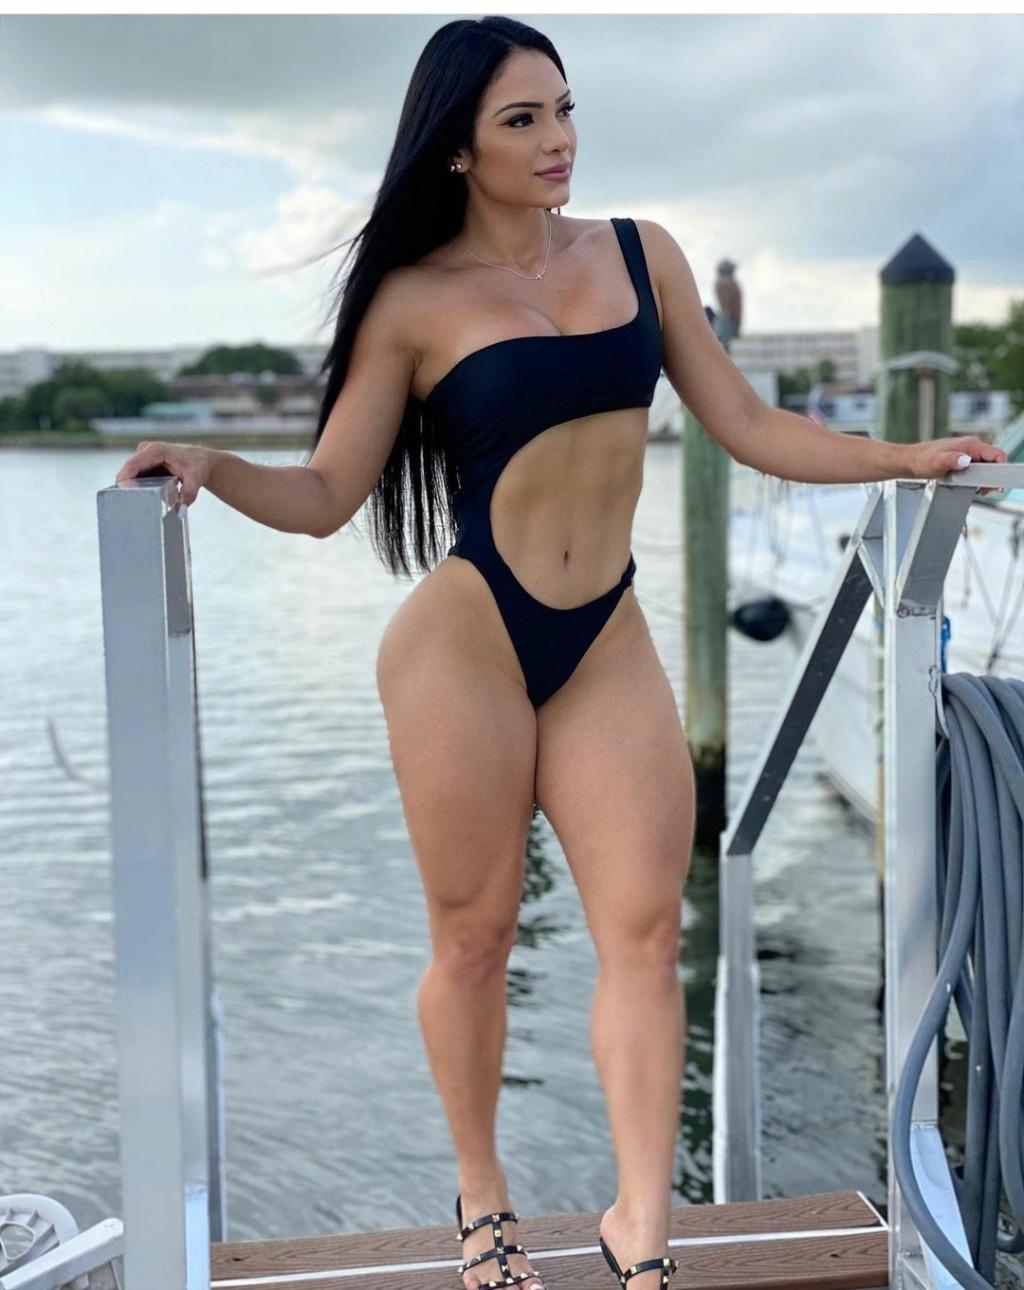 DEBATE sobre belleza, guapura y hermosura (fotos de chicas latinas, mestizas, y de todo) - VOL II - Página 3 Img_1071